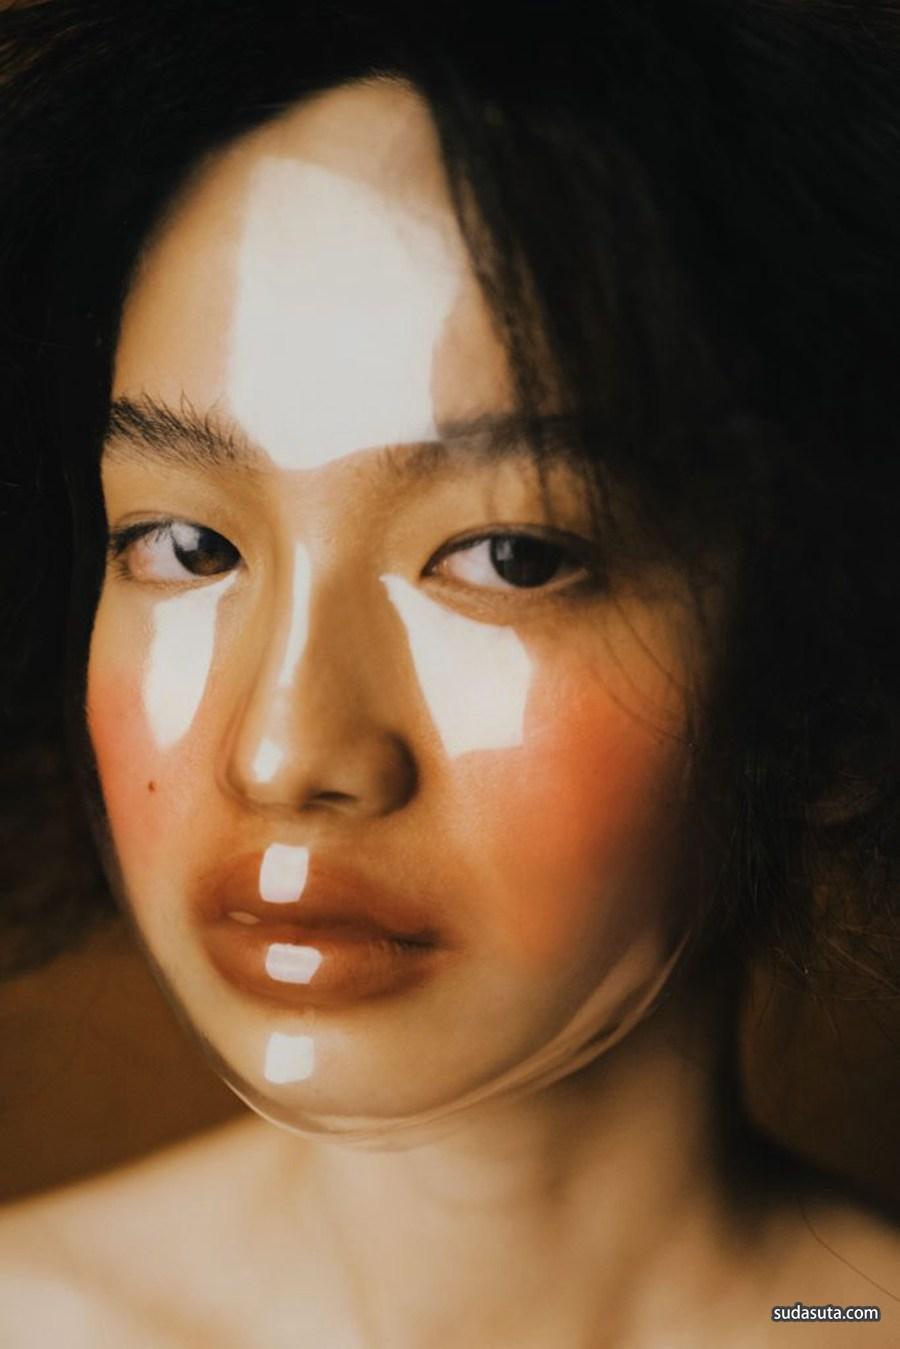 Zhong Lin 青春人像摄影